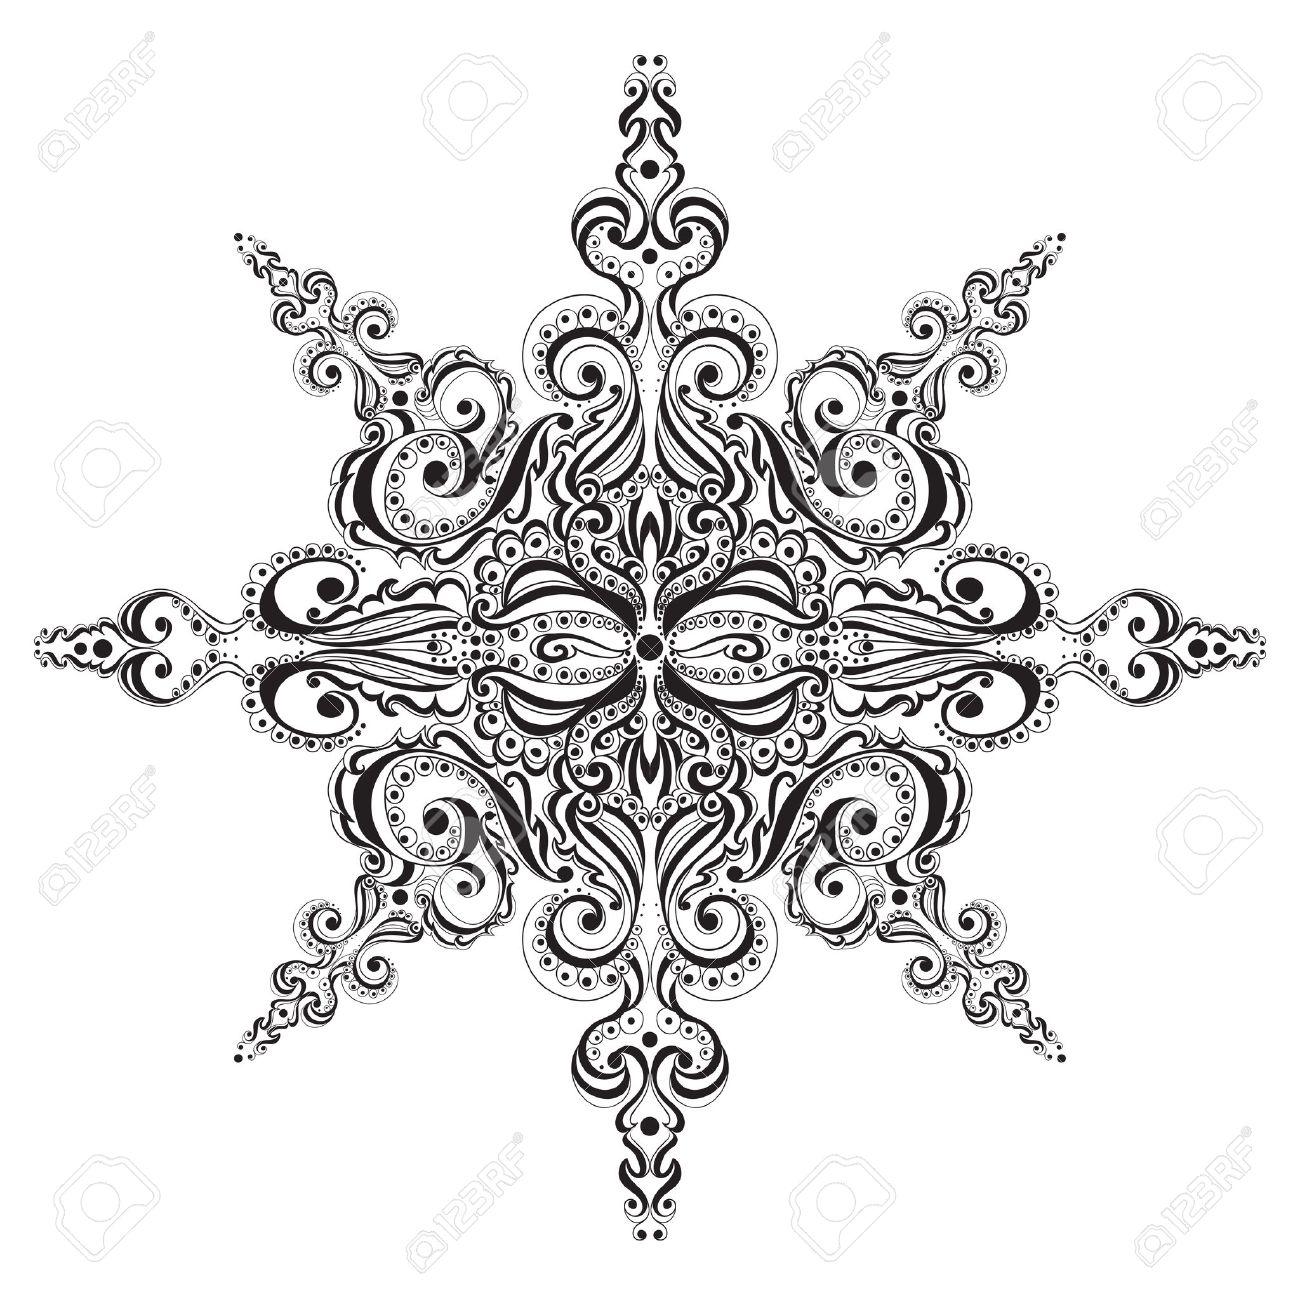 Negro Ornamental Y Copo De Nieve Blanco. Patrón De Tatuaje ...